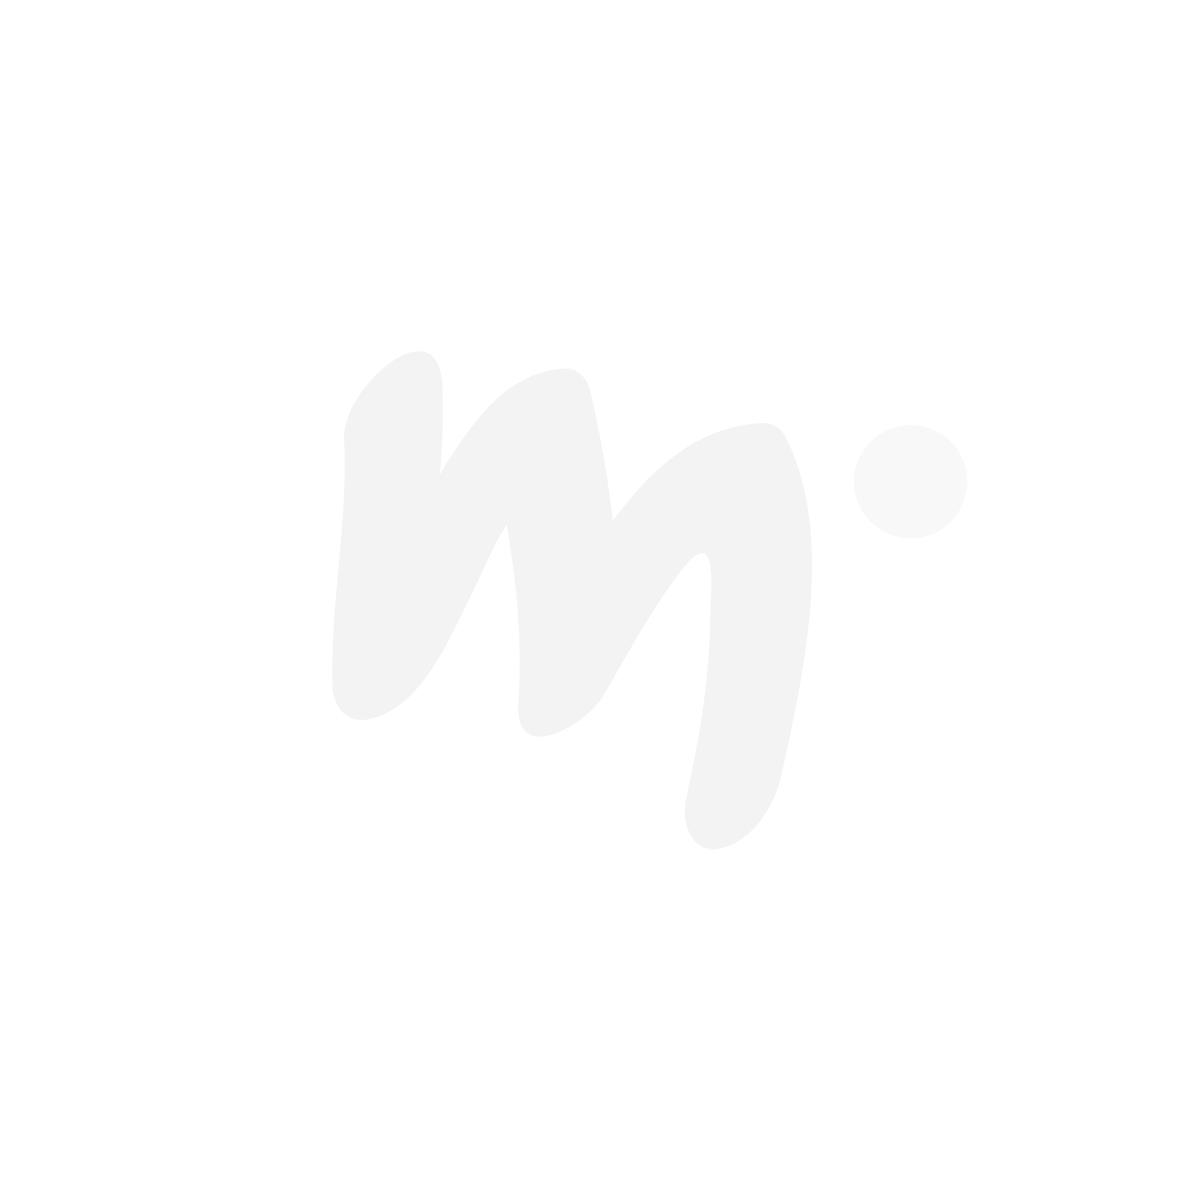 Muumi Puutarha-mininuolija silikonia